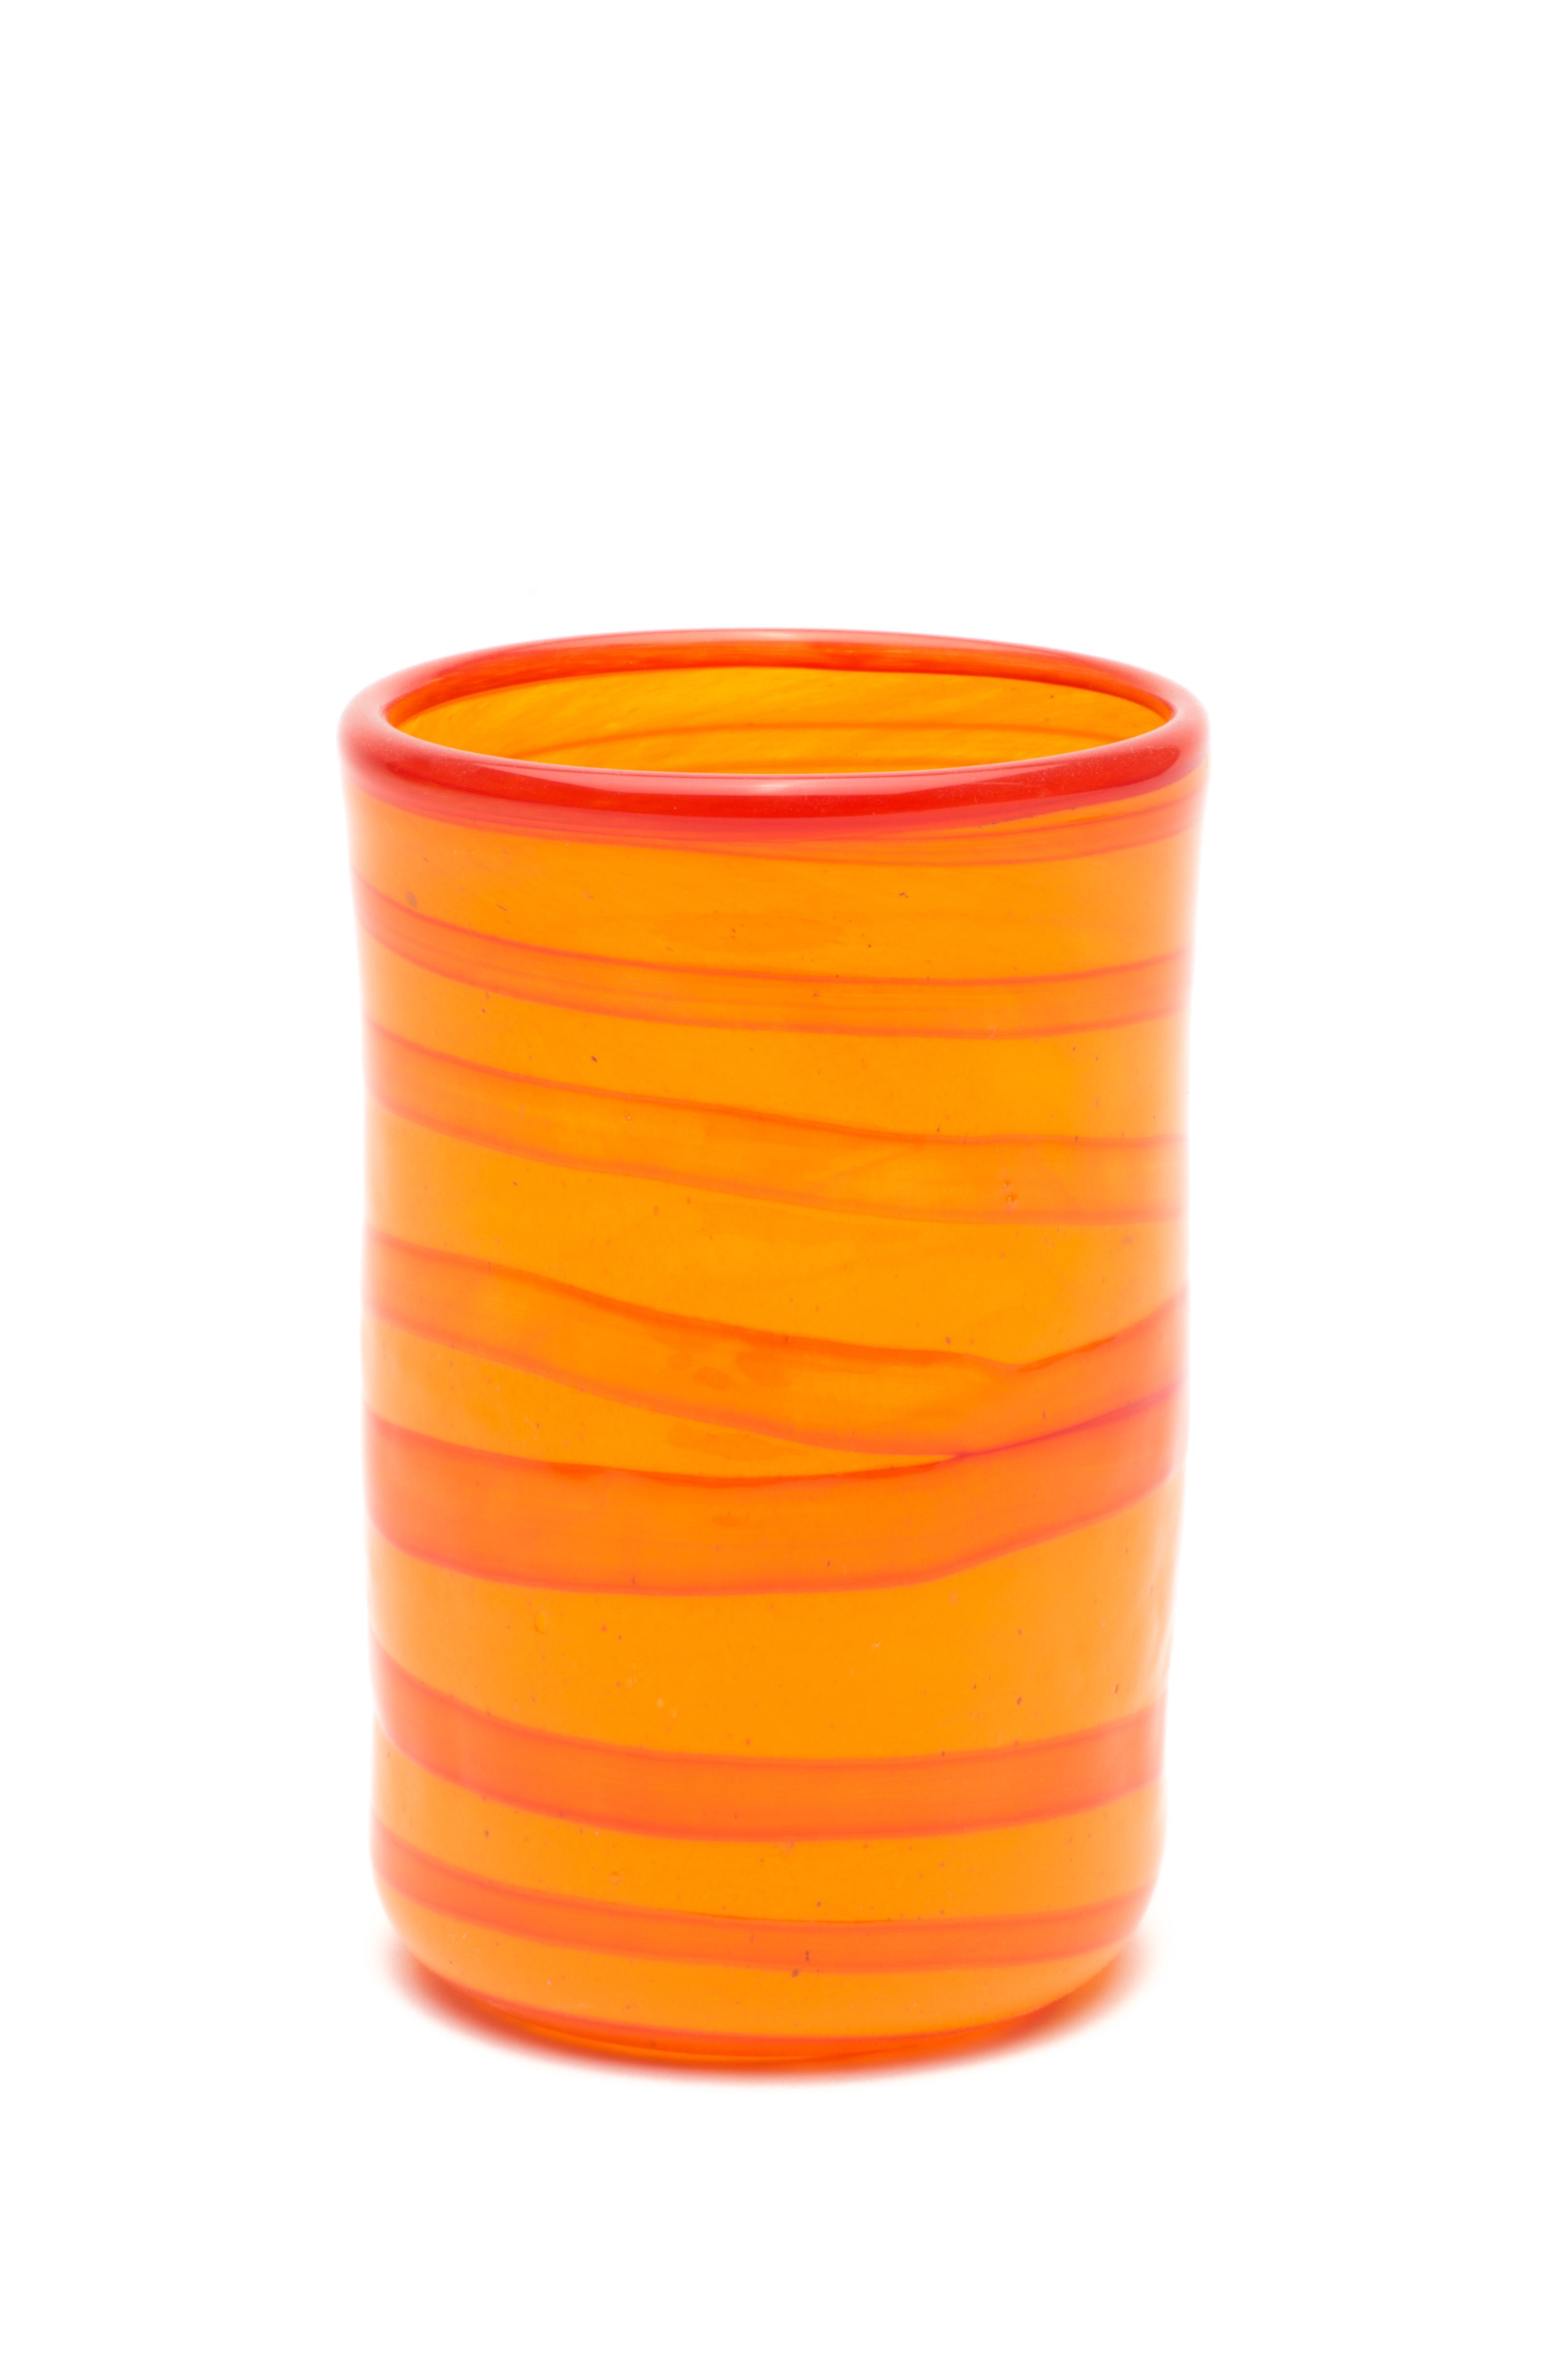 mandarin med rød